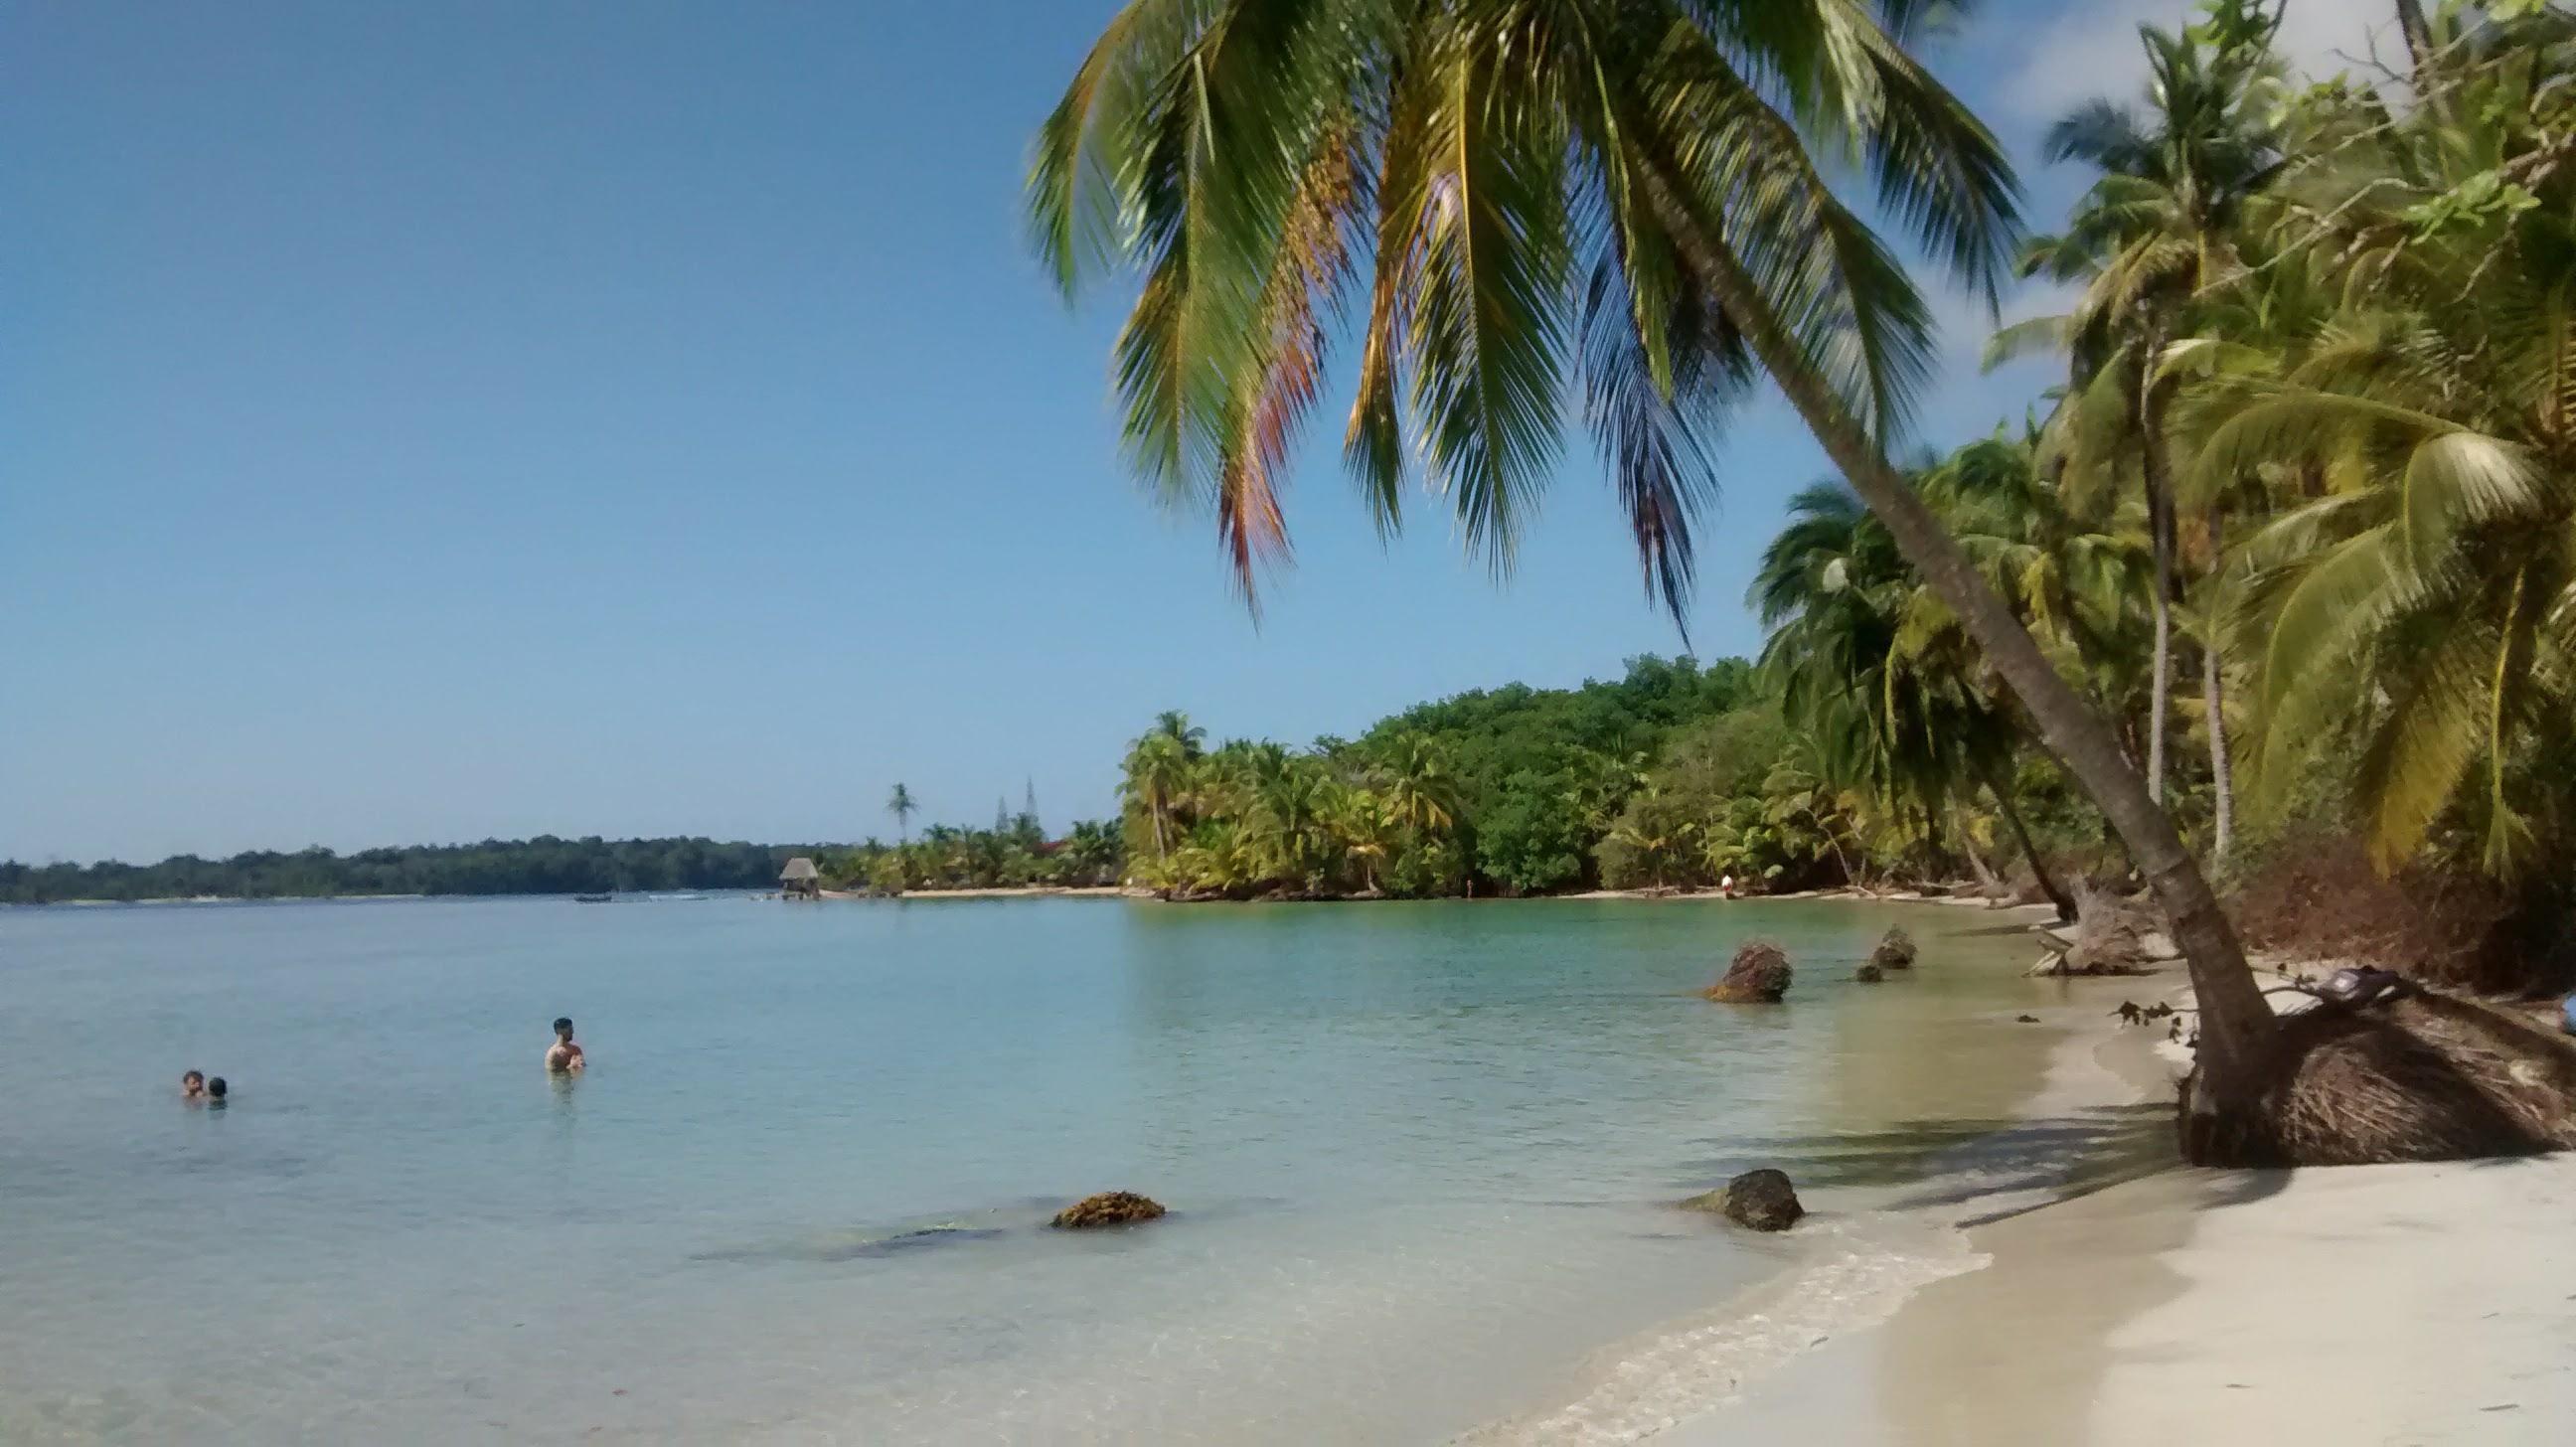 Praia das Estrelas - Bocas del Toro